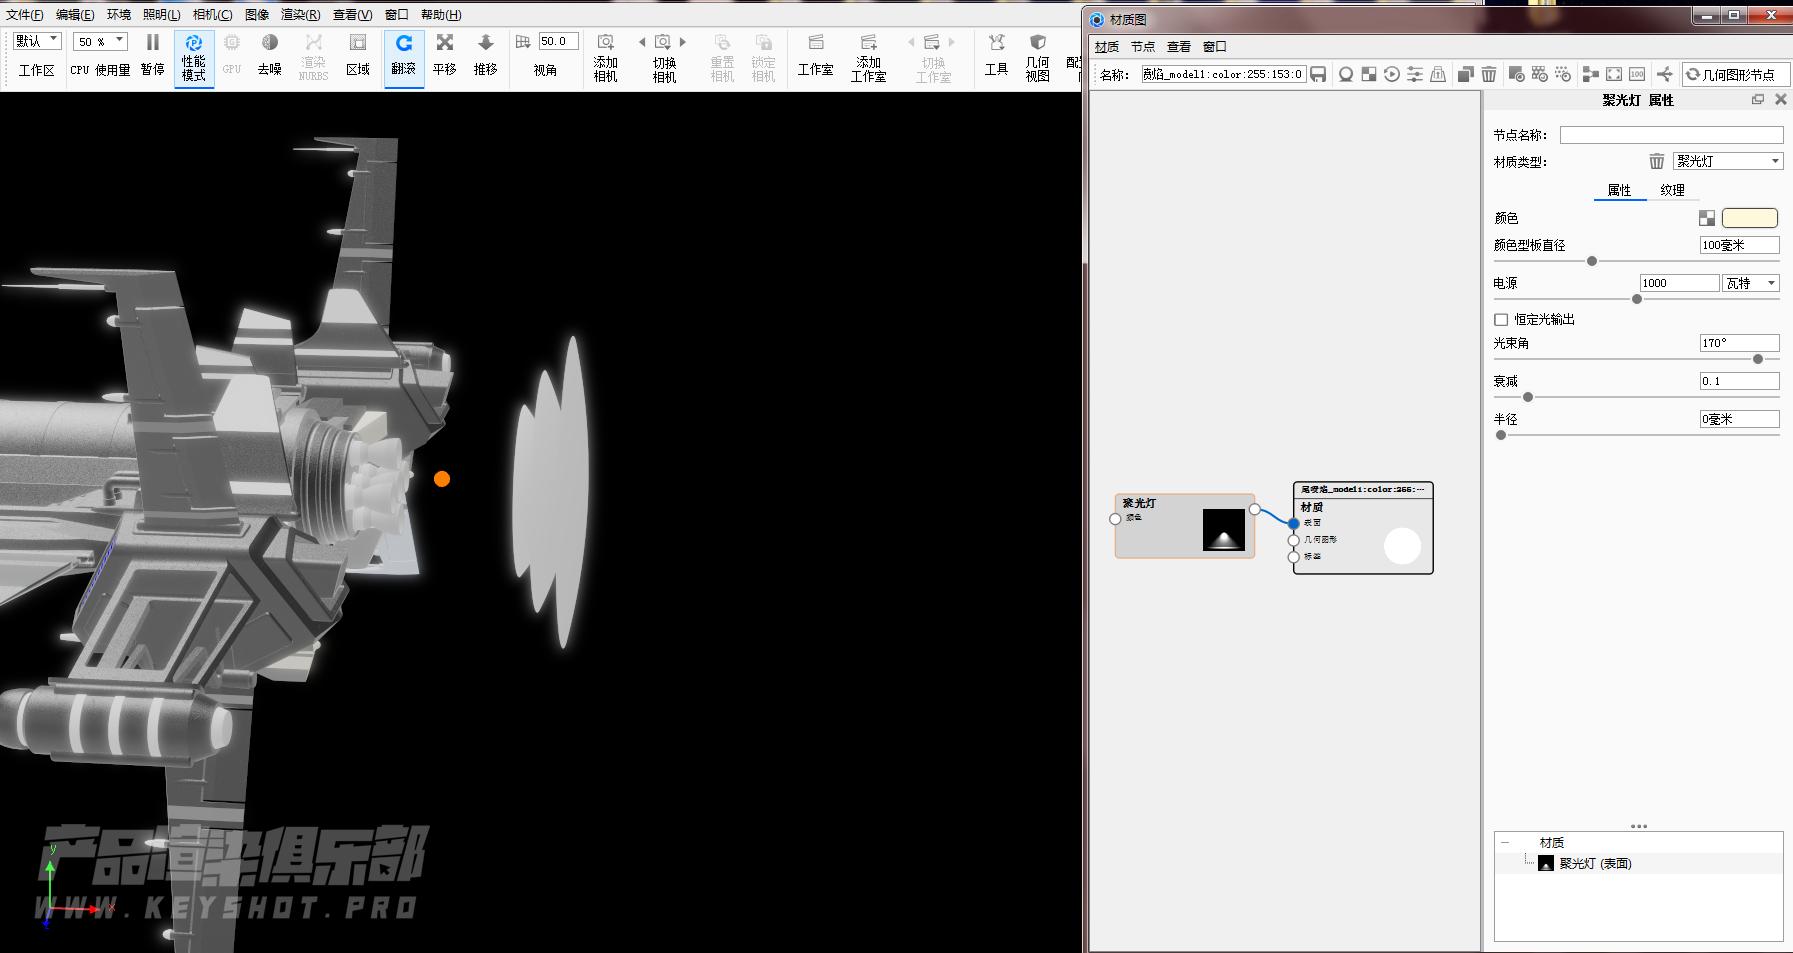 一种keyshot火焰喷射效果的渲染方法